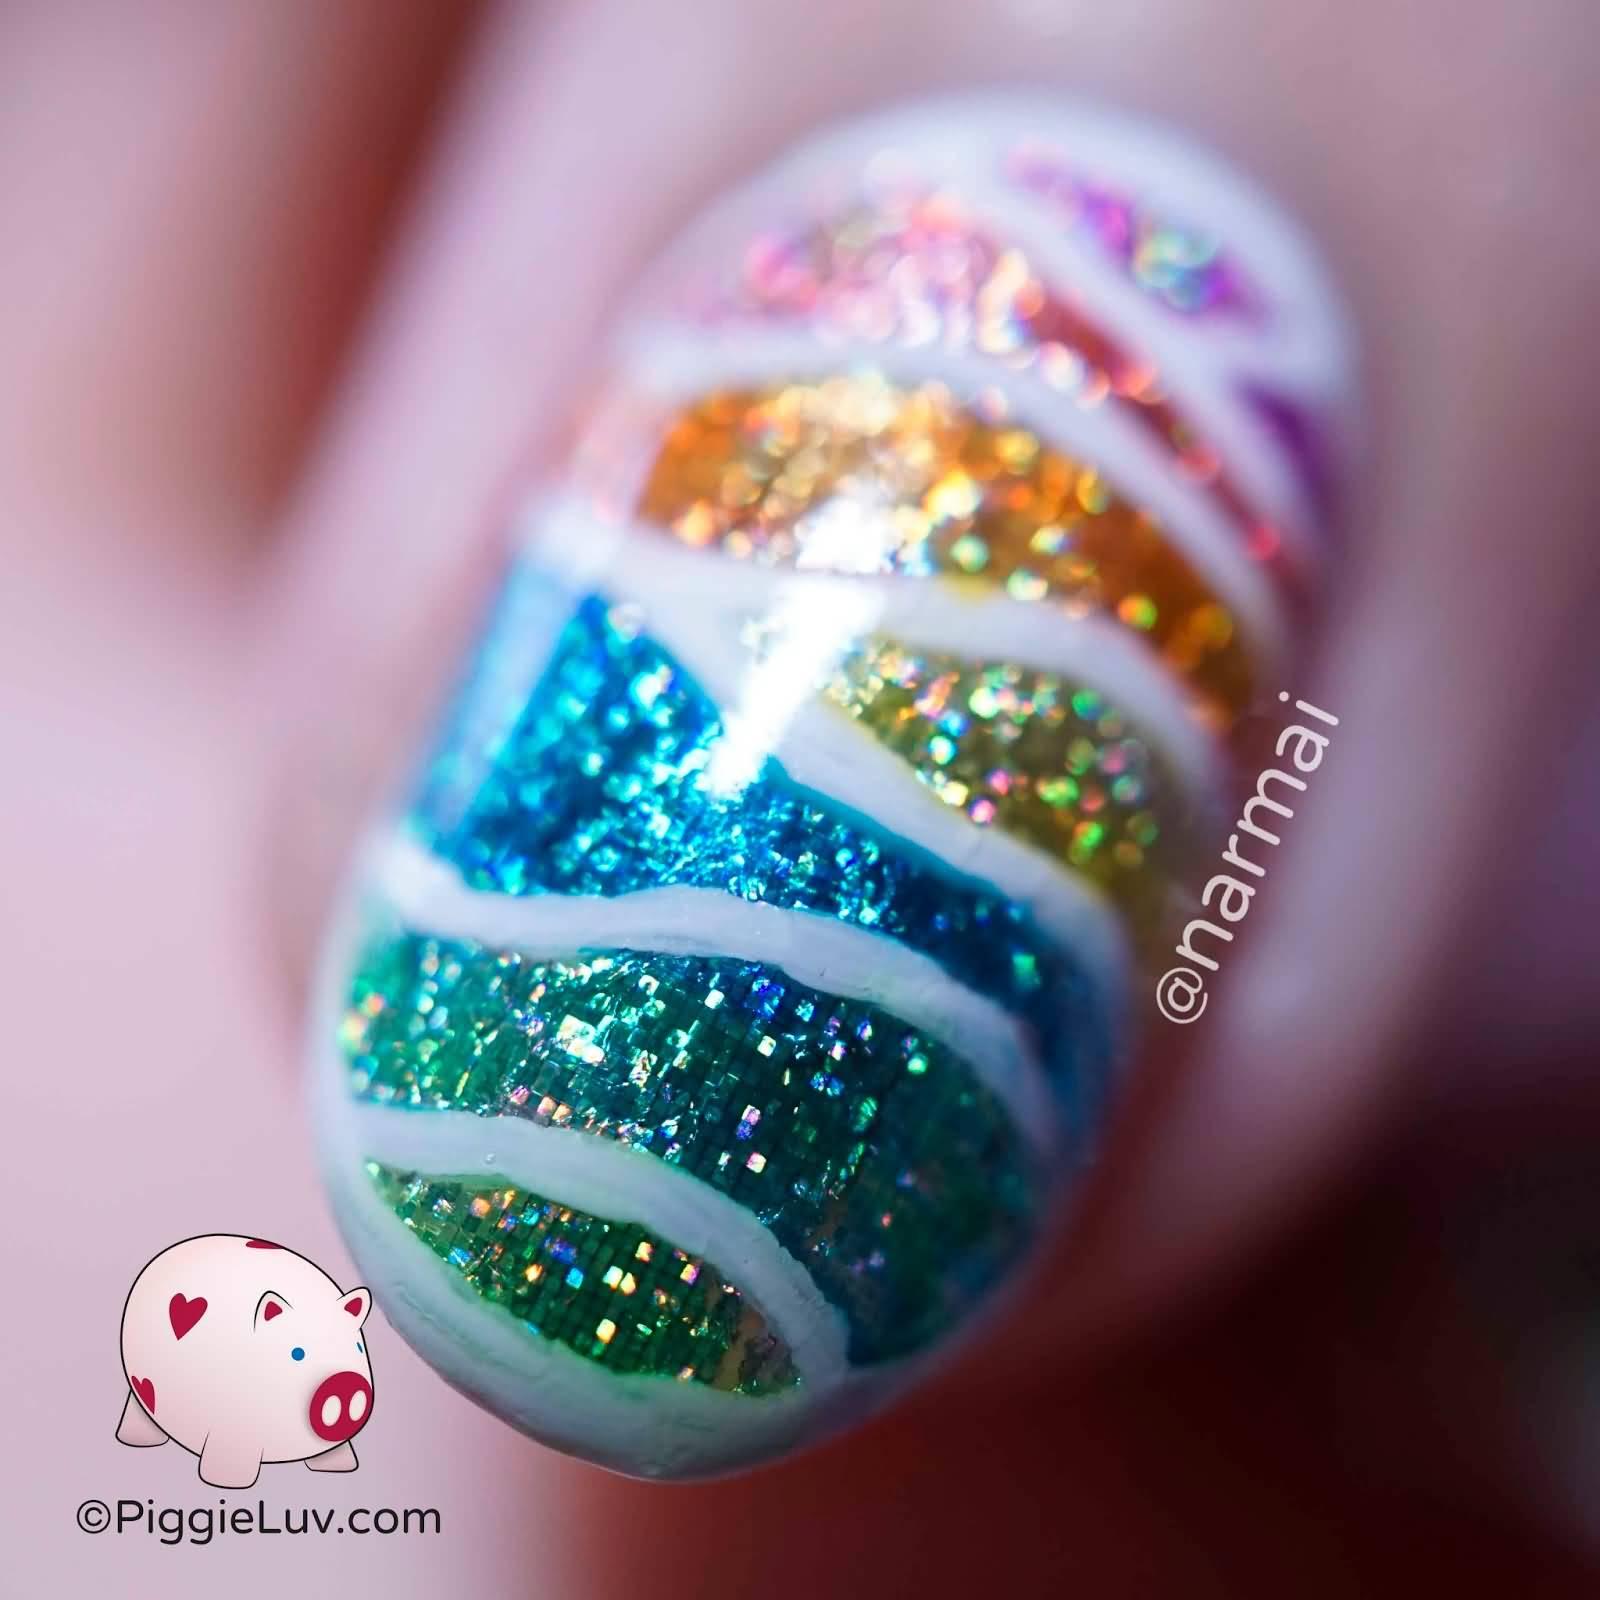 Rainbow Glitter Stripes Design Nail Art